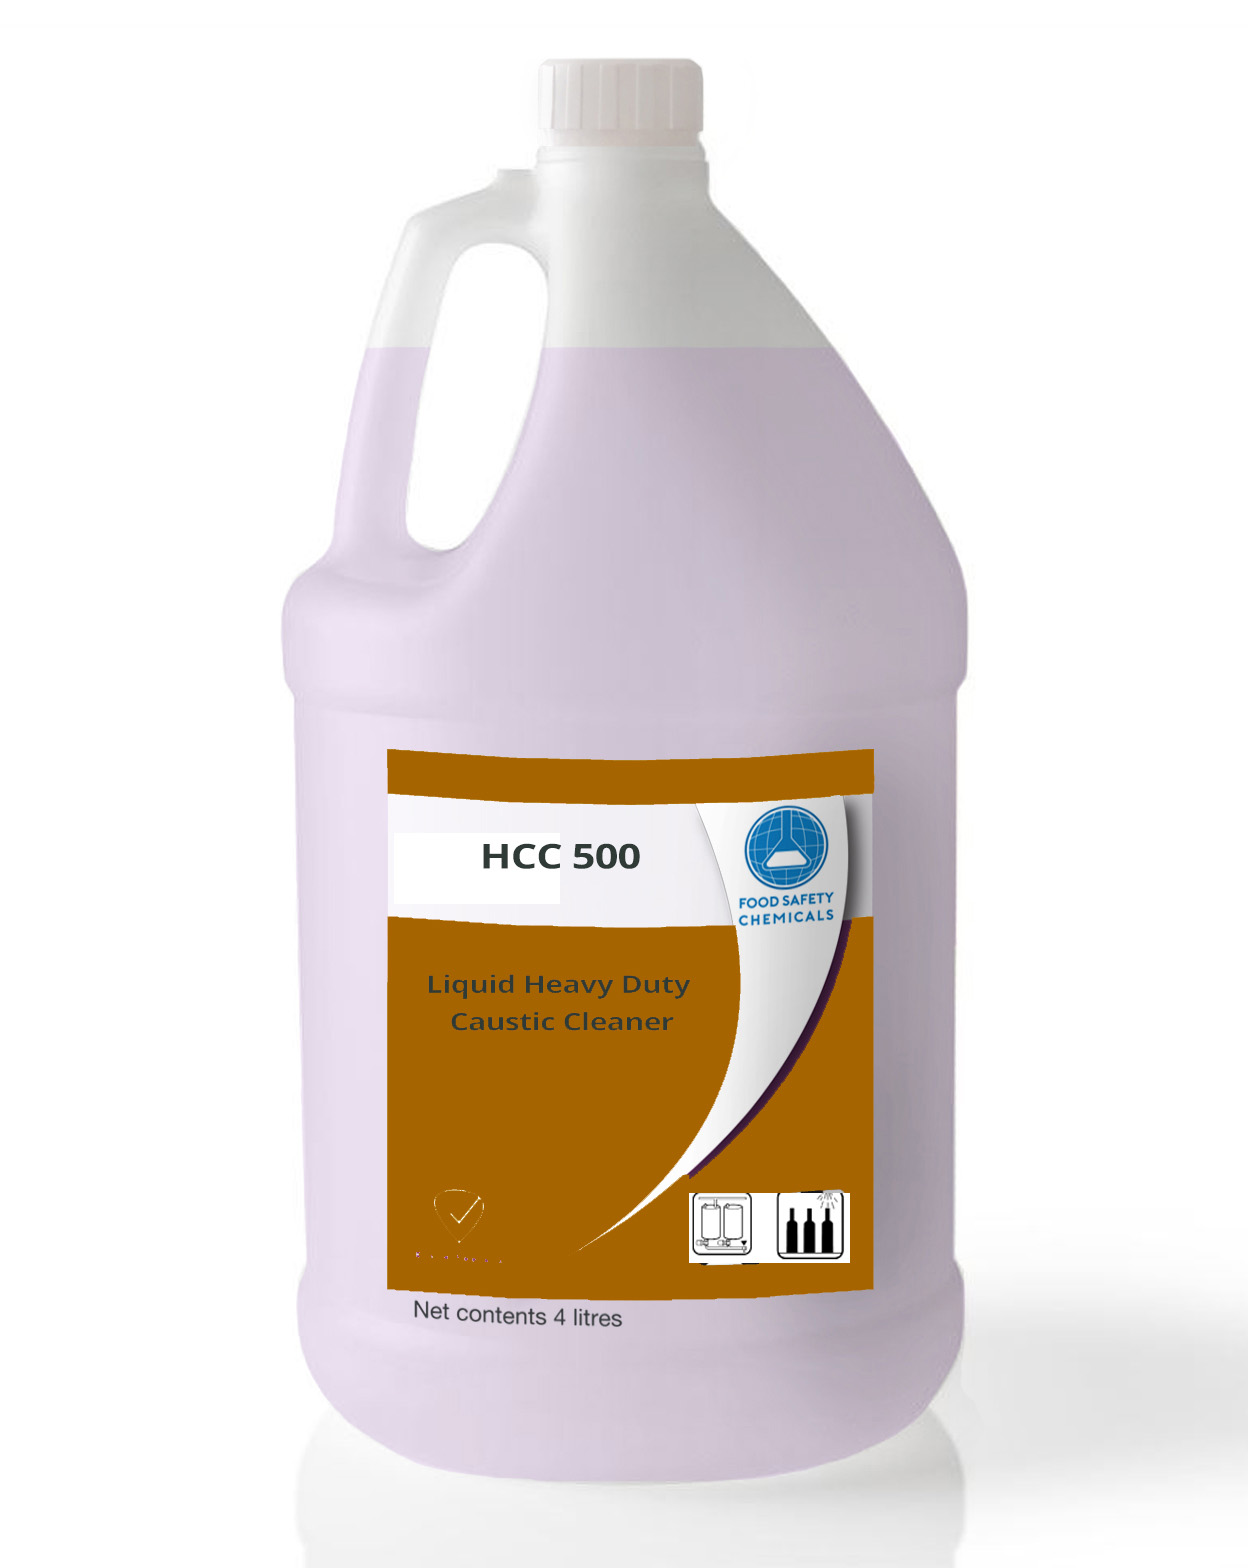 HCC 500